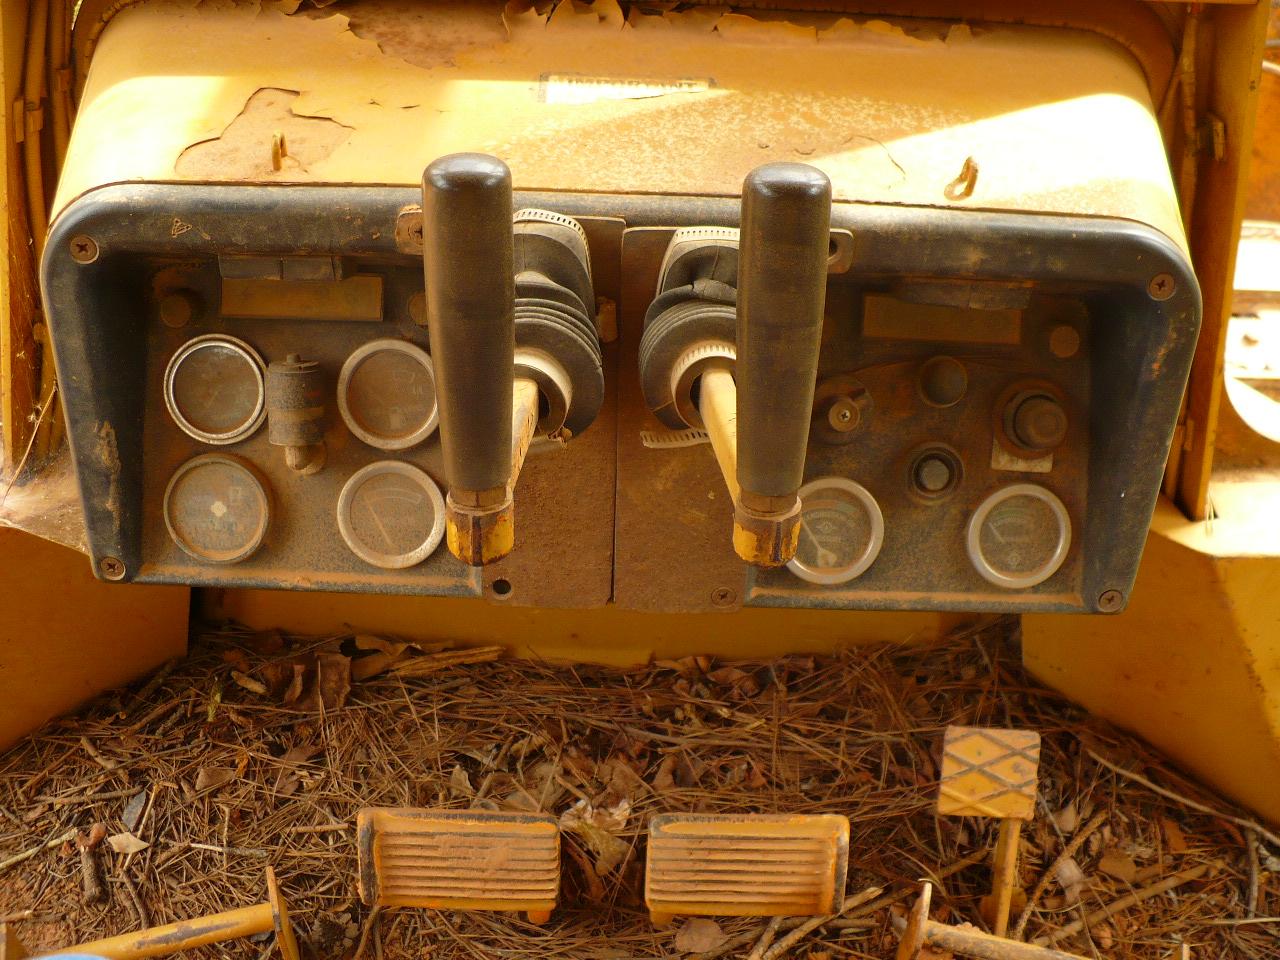 Fiat Allis 14c Parts : Equipment fiat allis dozer lanier